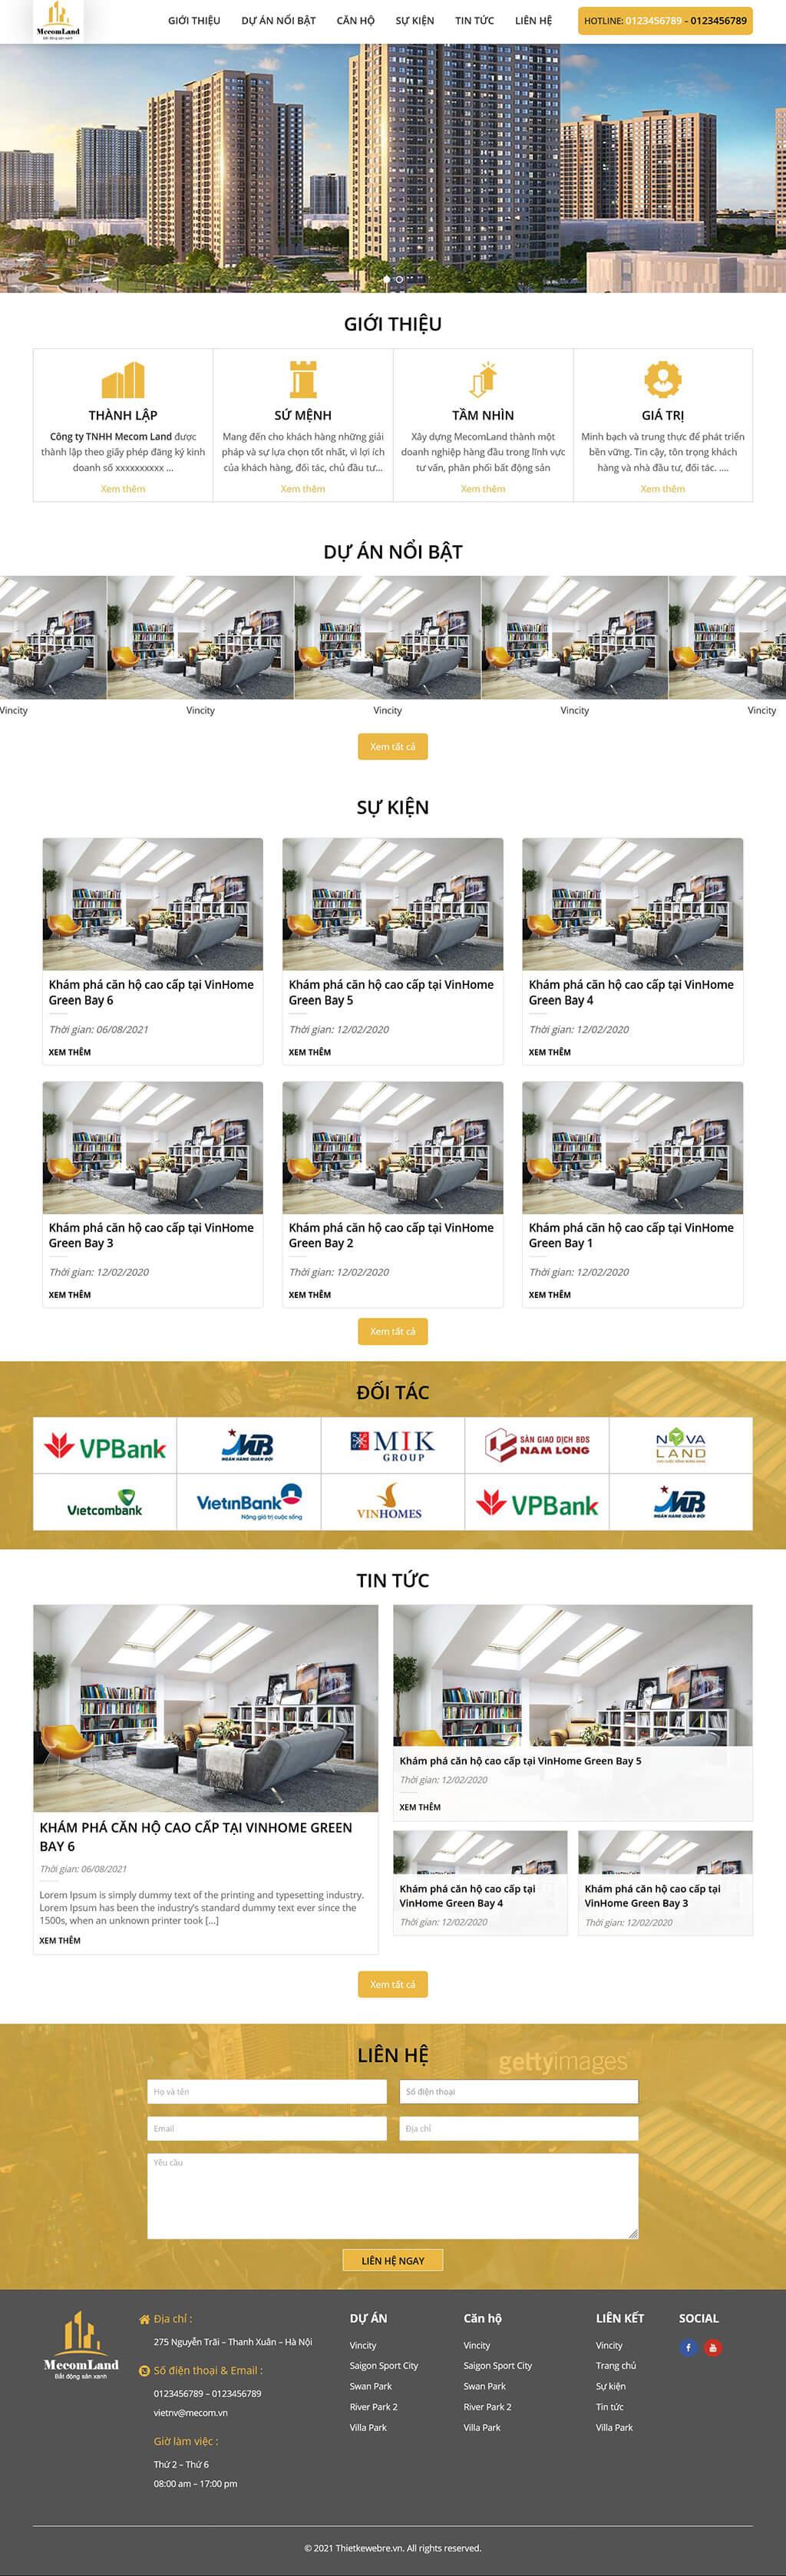 Thiết kế website bất động sản MecomLand